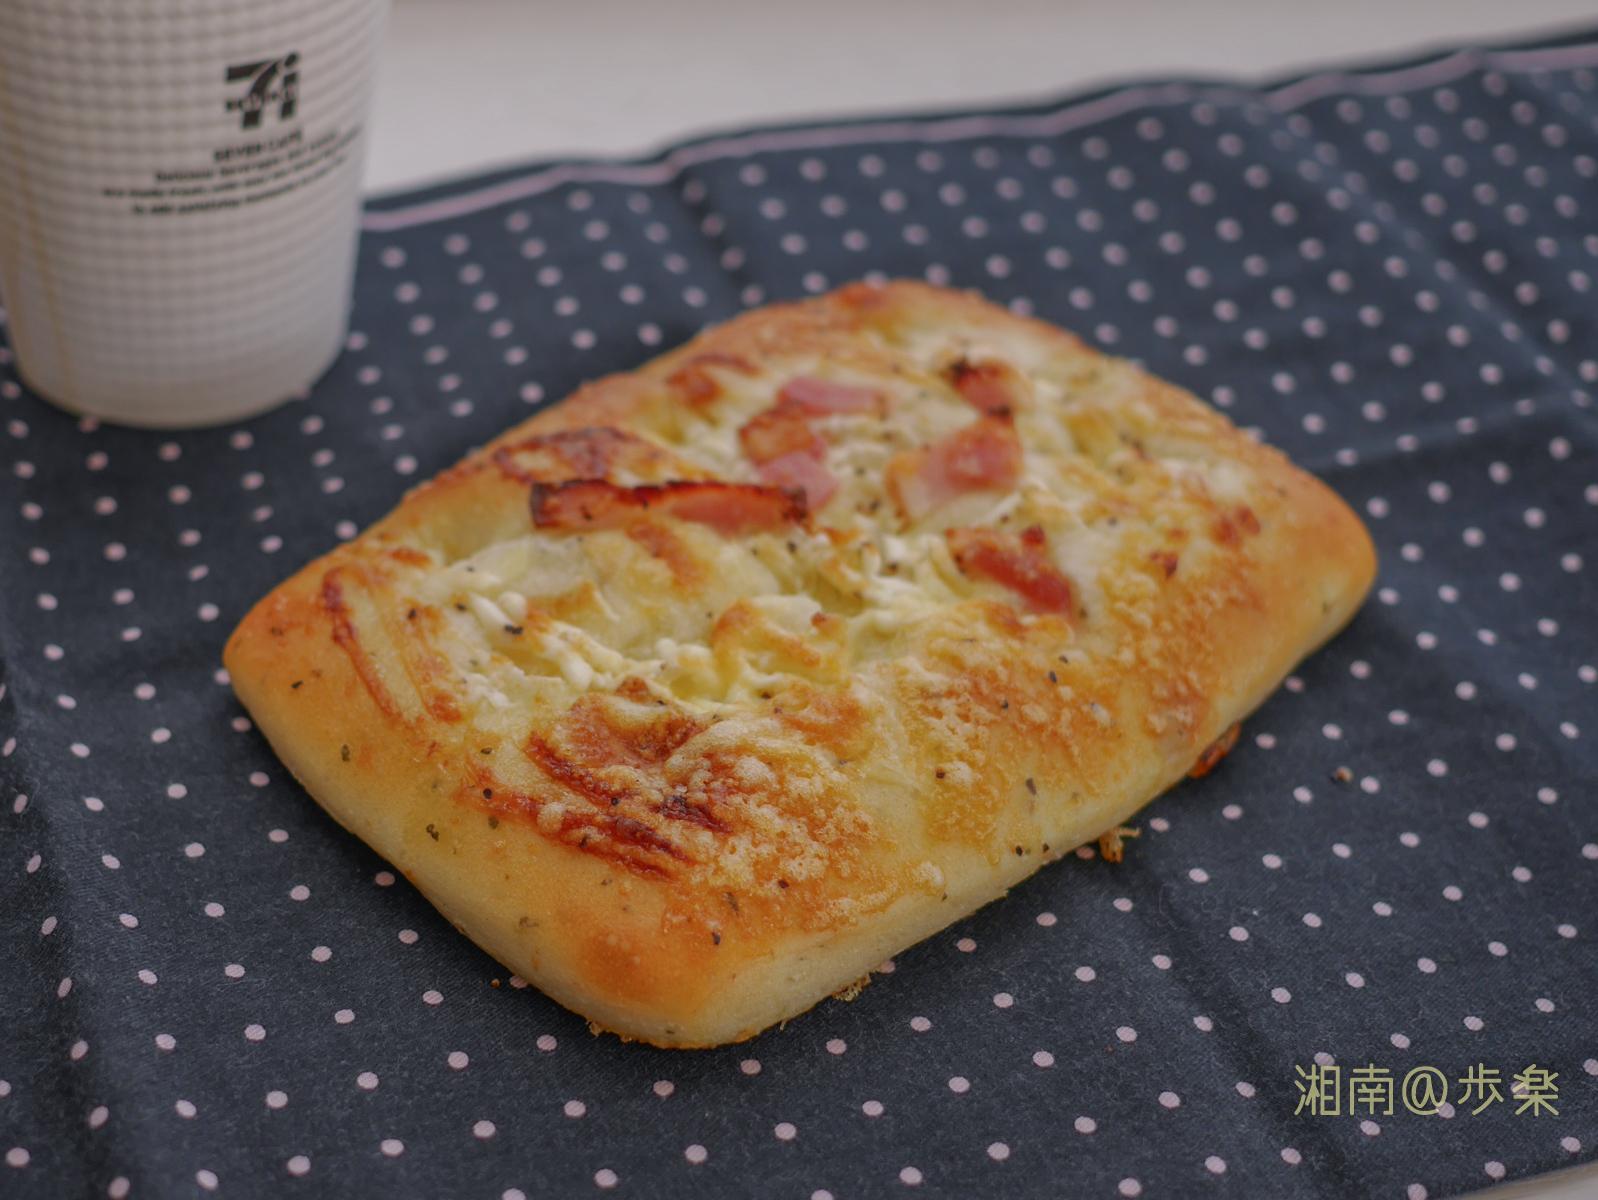 もちもちパン